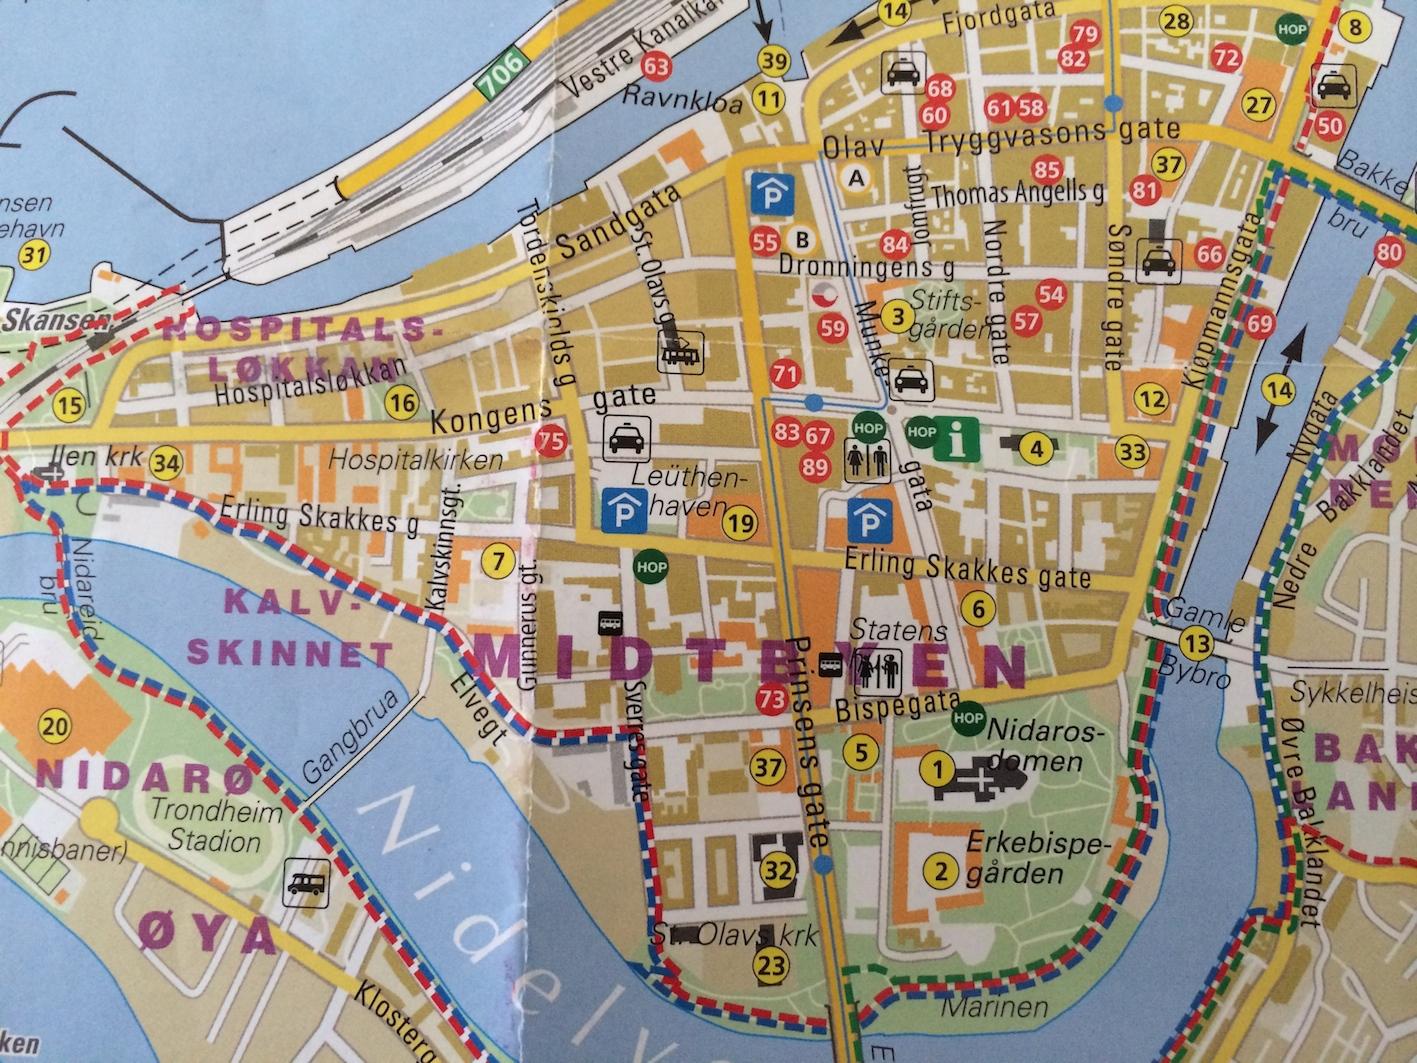 københavn sentrum kart Kart København Kart københavn sentrum kart